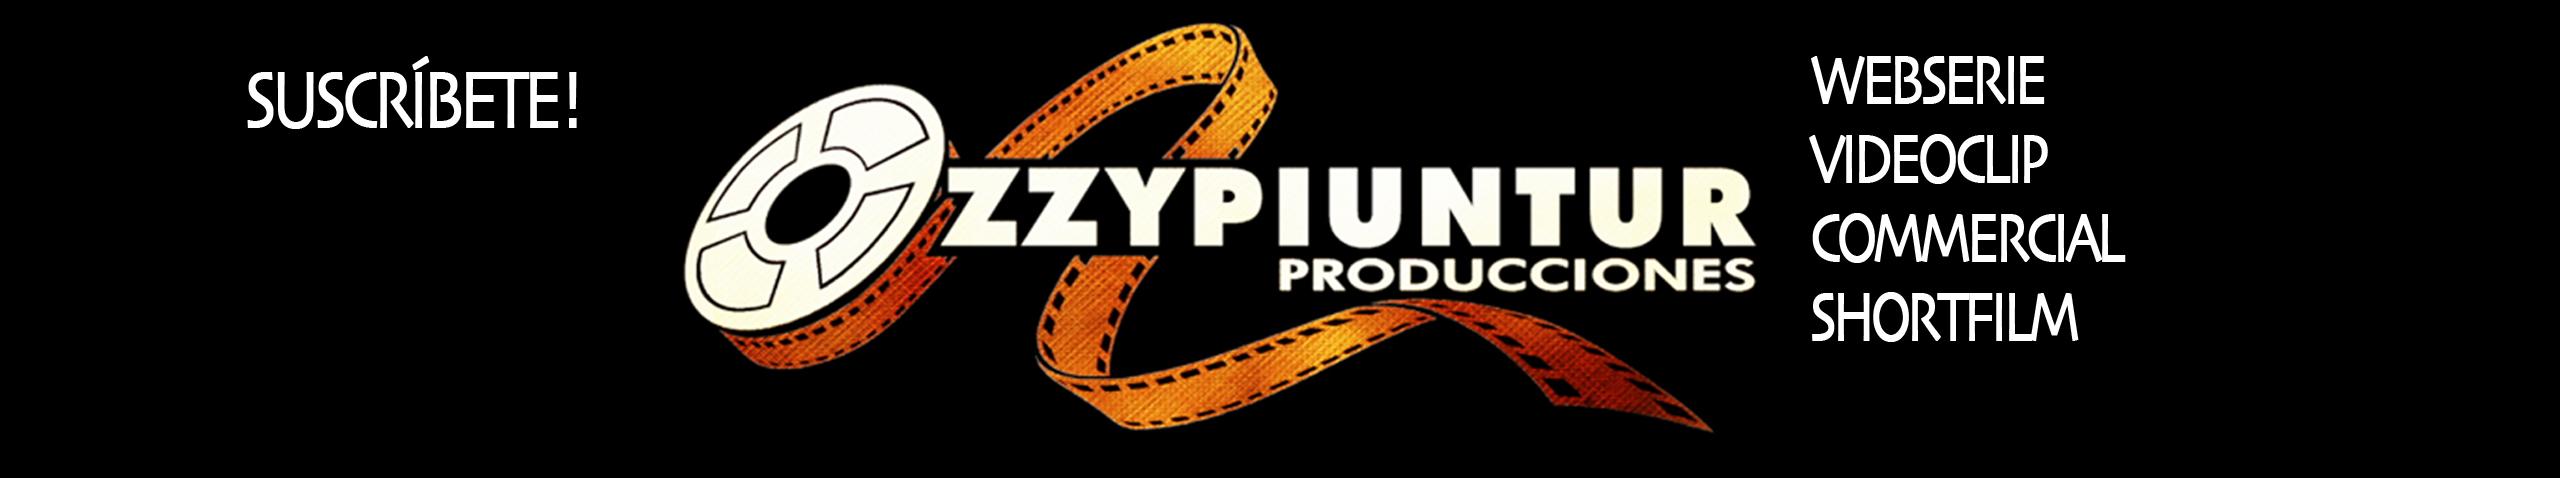 OZZYPIUNTUR PRODUCCIONES